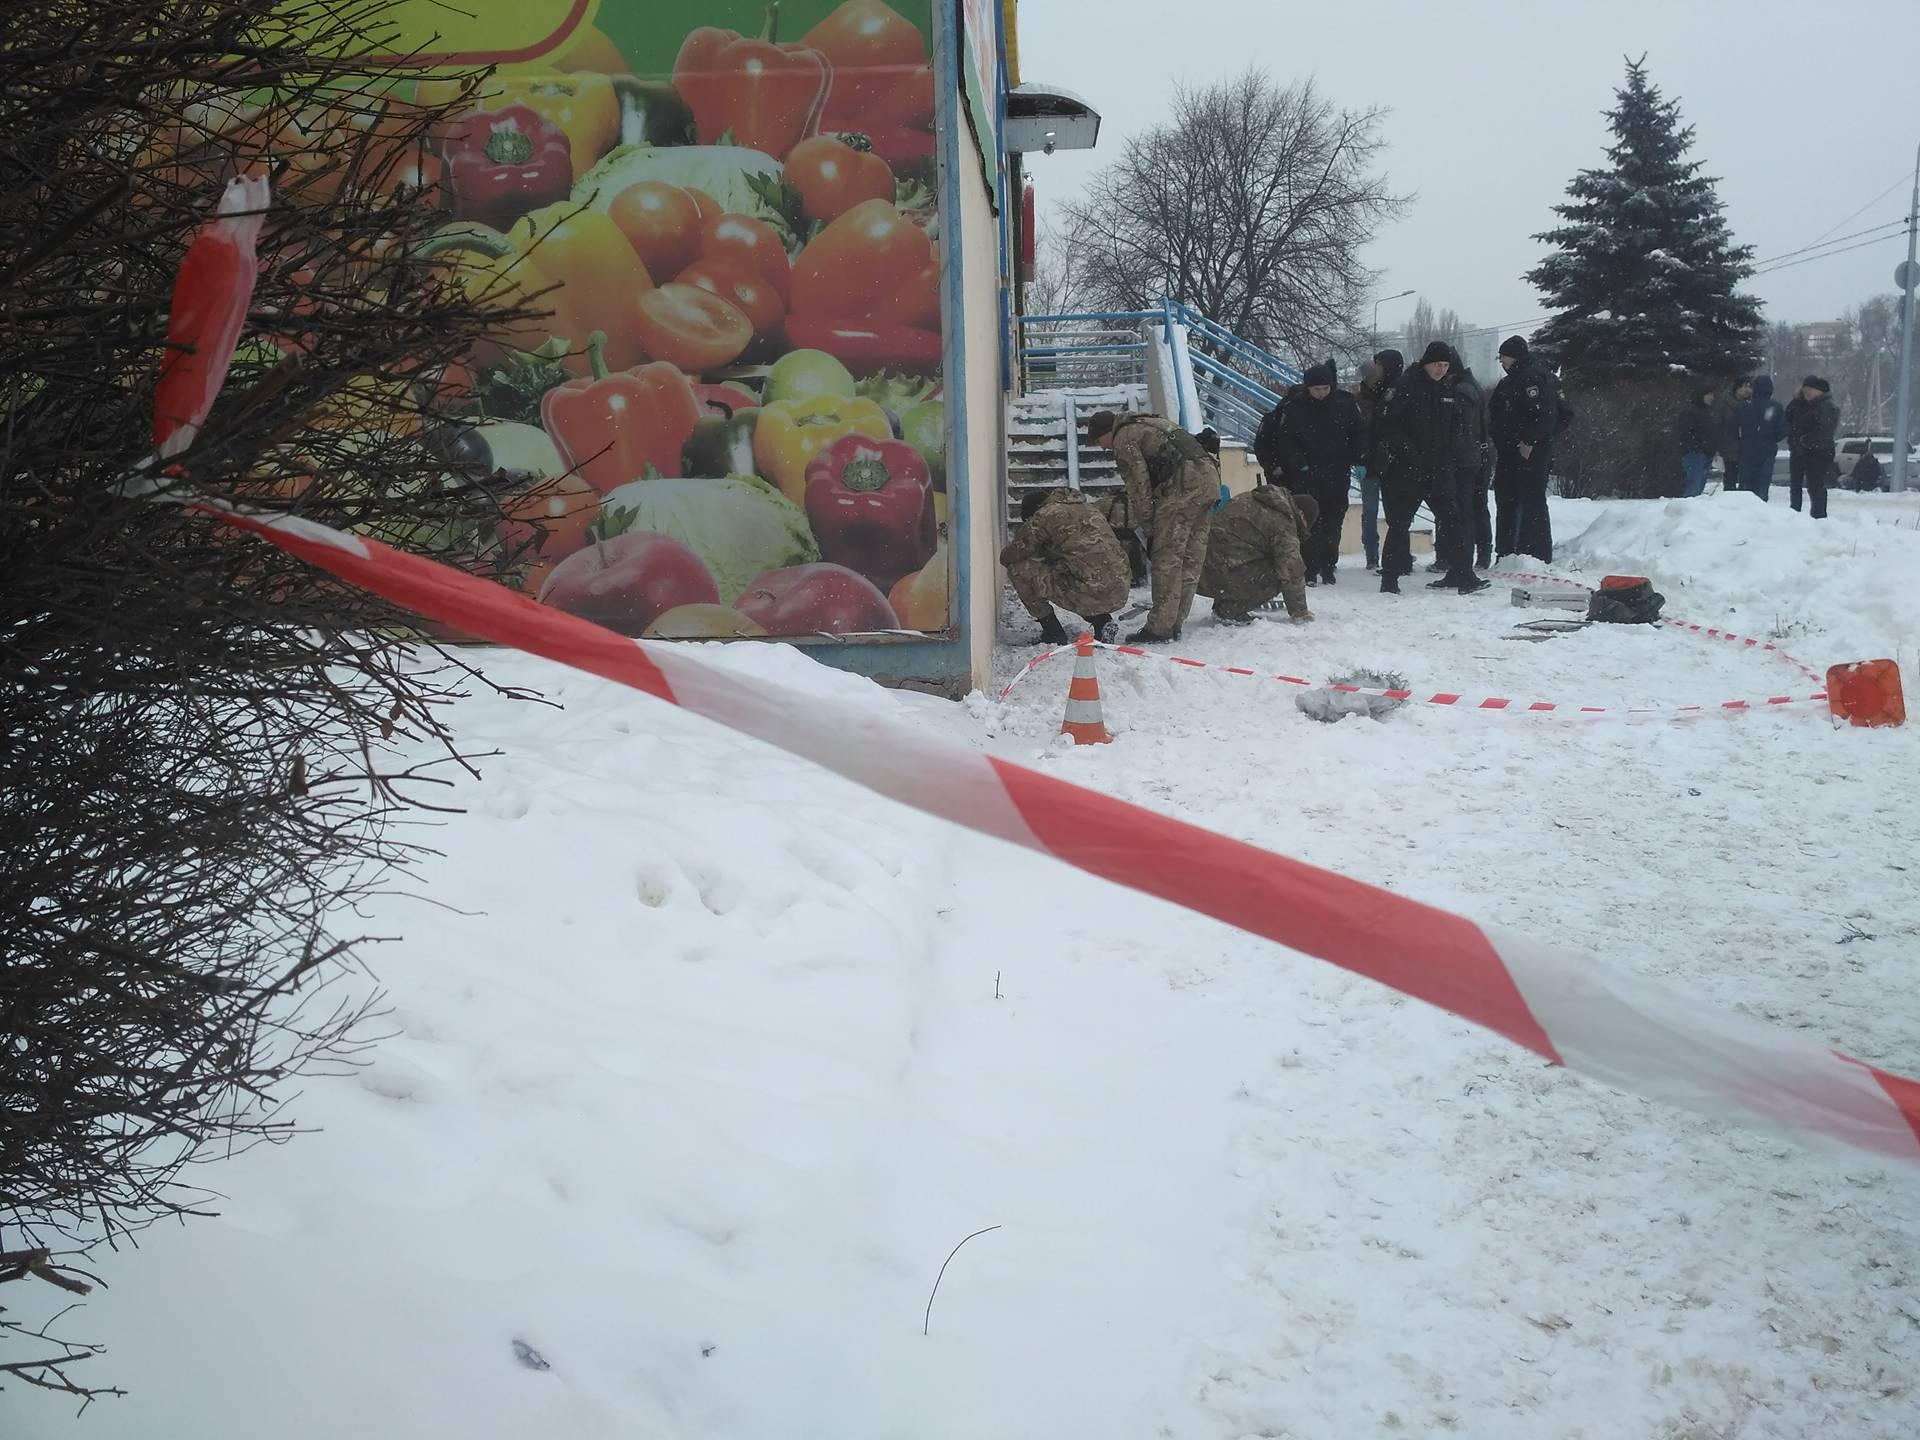 Страшный взрыв в Харькове: О состоянии потерпевших во время происшествия появились новые подробности (ВИДЕО)